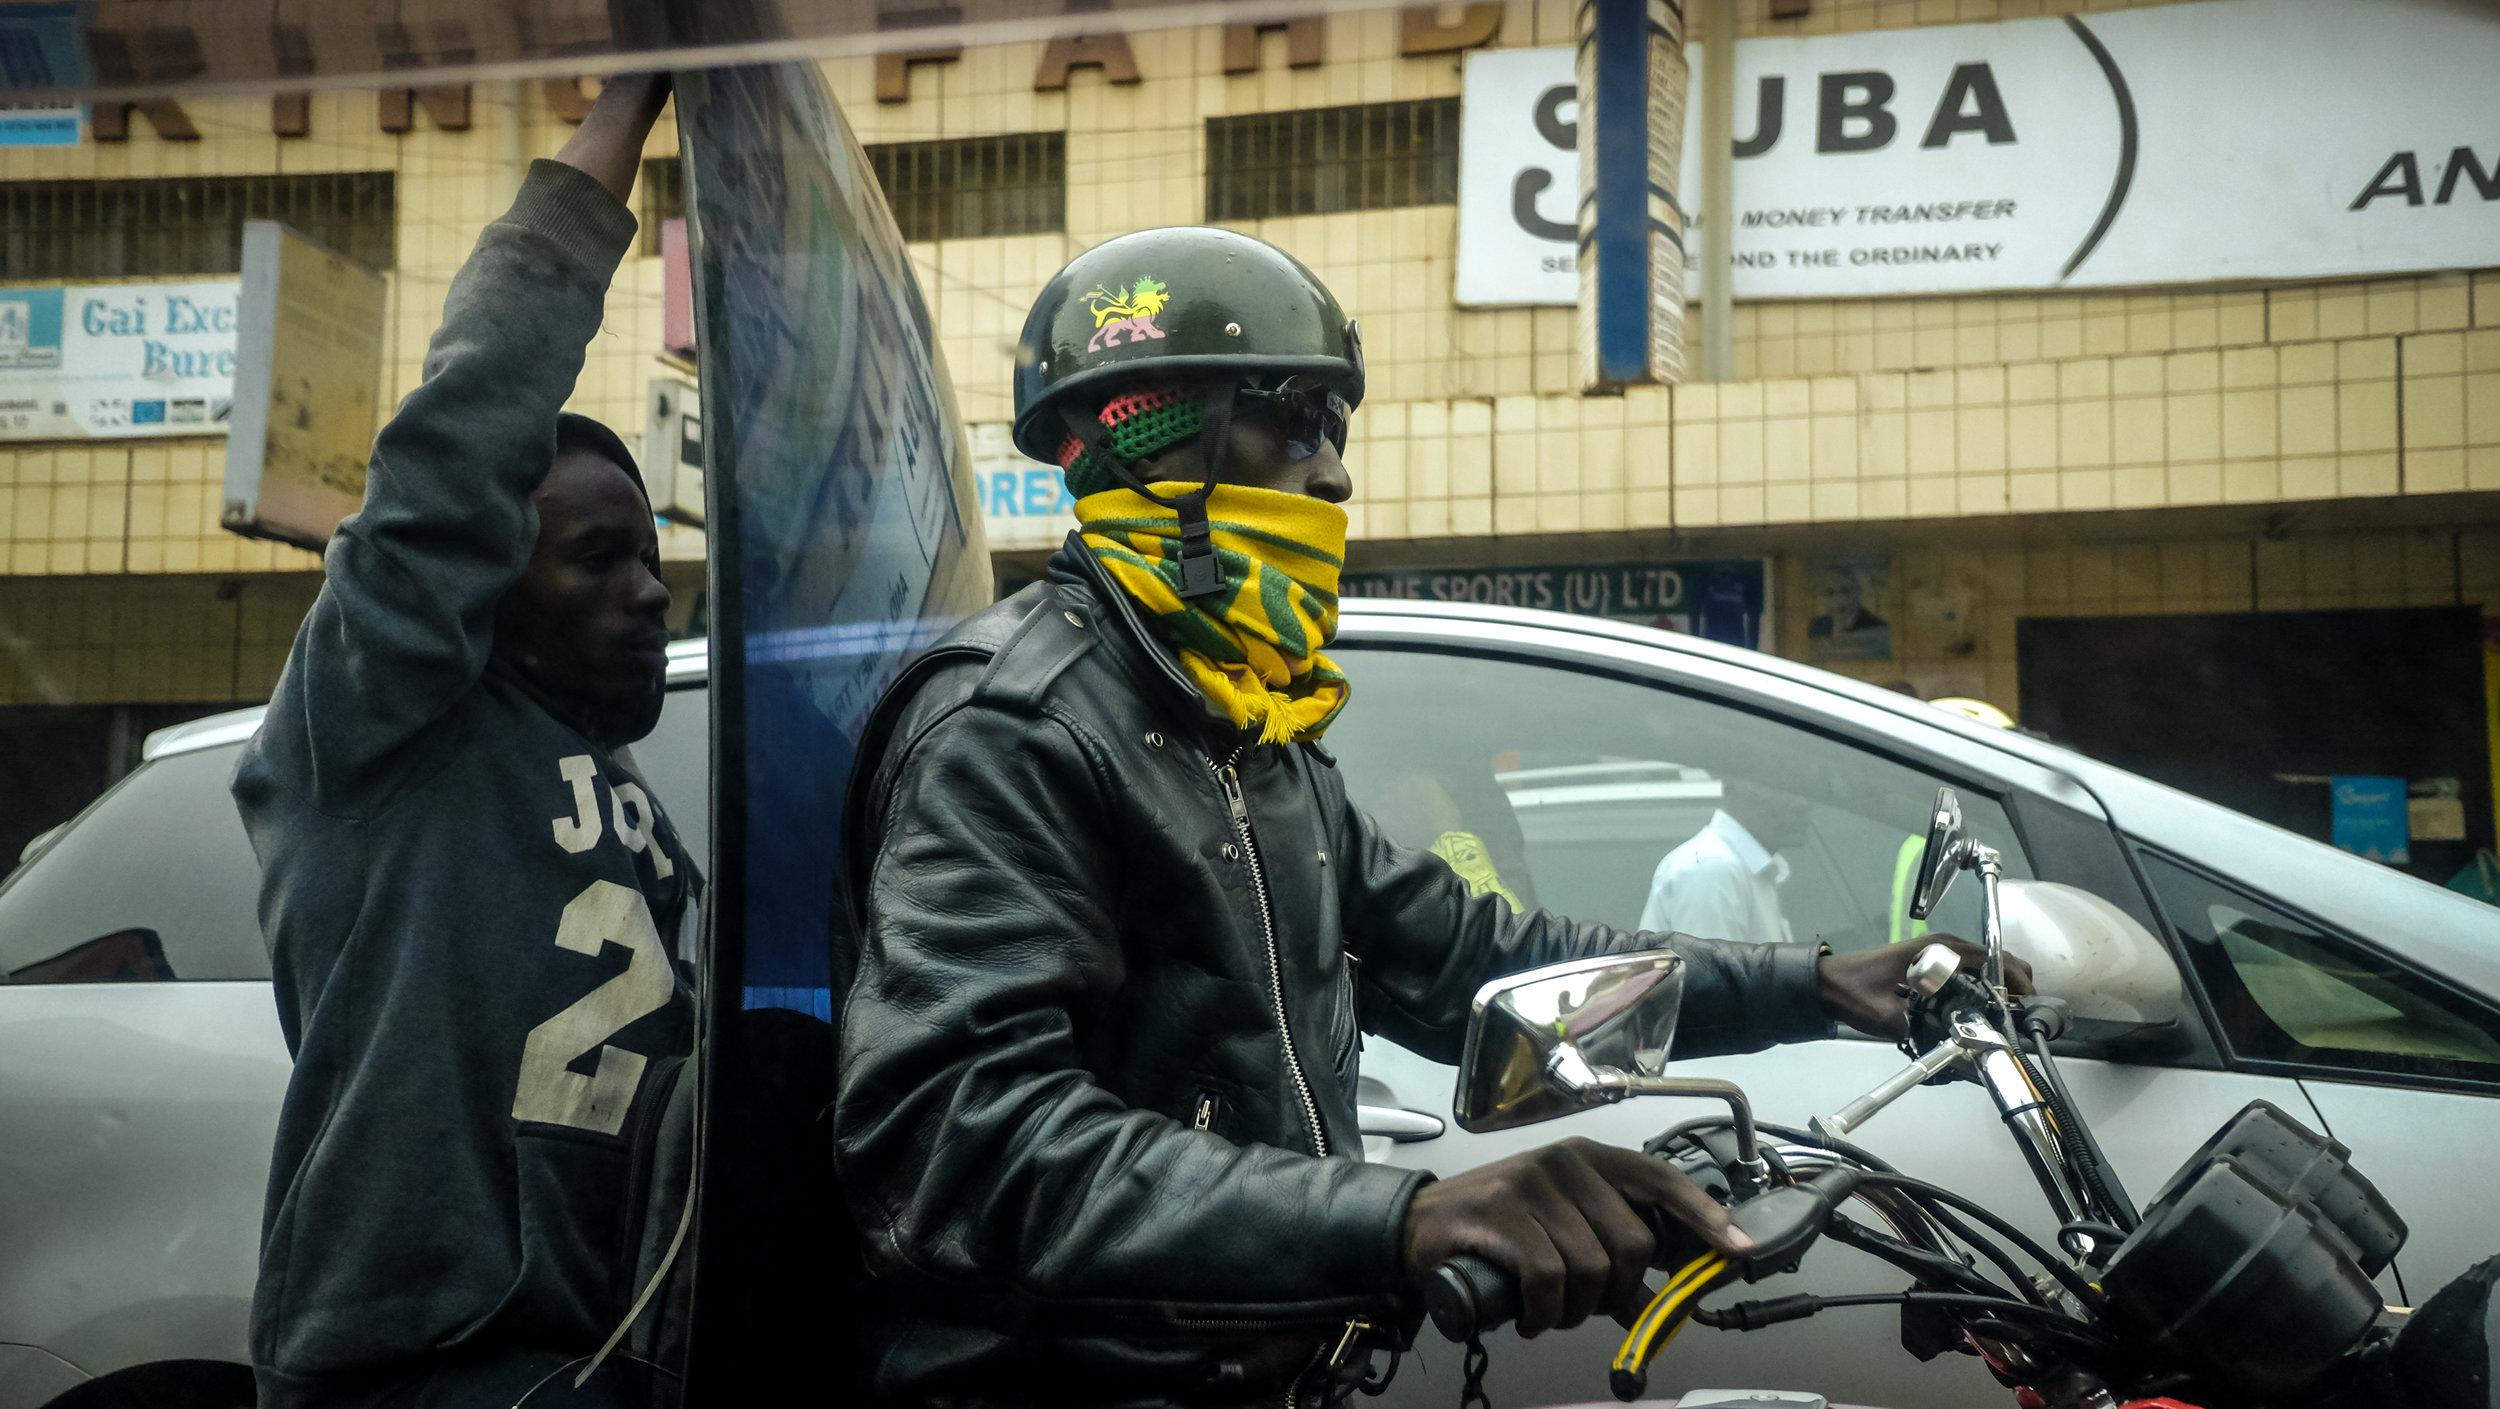 Uganda2018.6-15.jpg